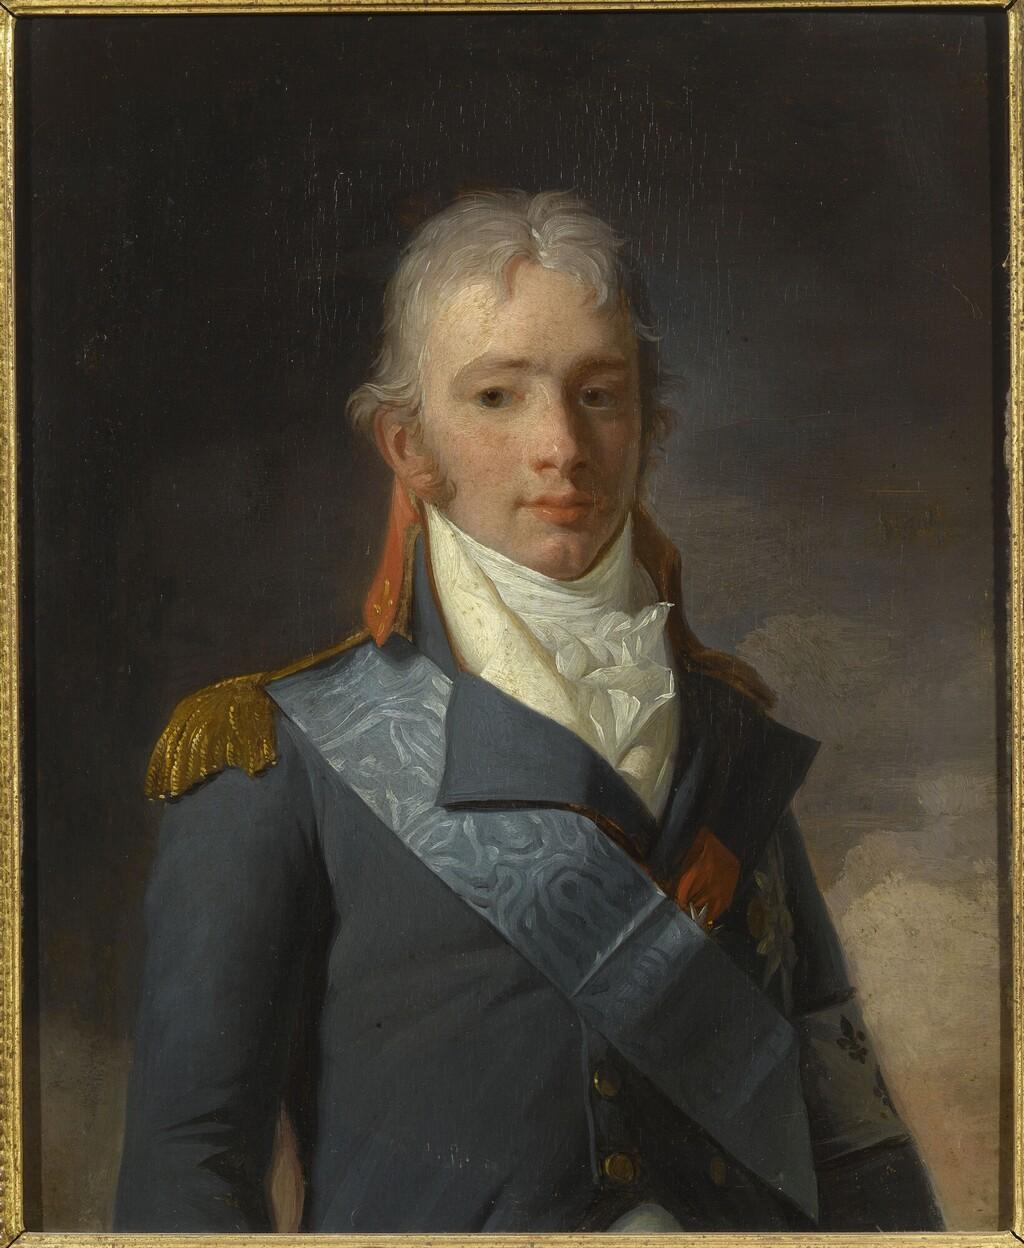 Portraits de Madame Royale, duchesse d'Angoulême - Page 5 Image213